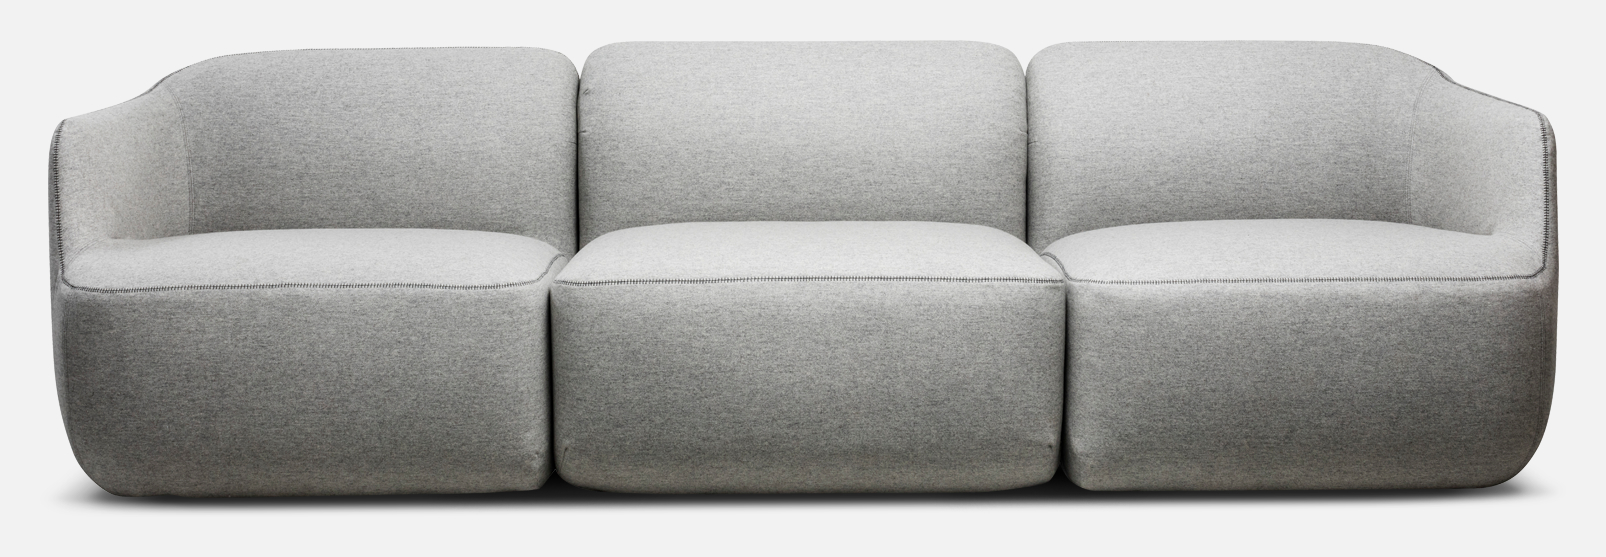 Fantastisk Como 3-sitssoffa | Olsson & Gerthel UV-22